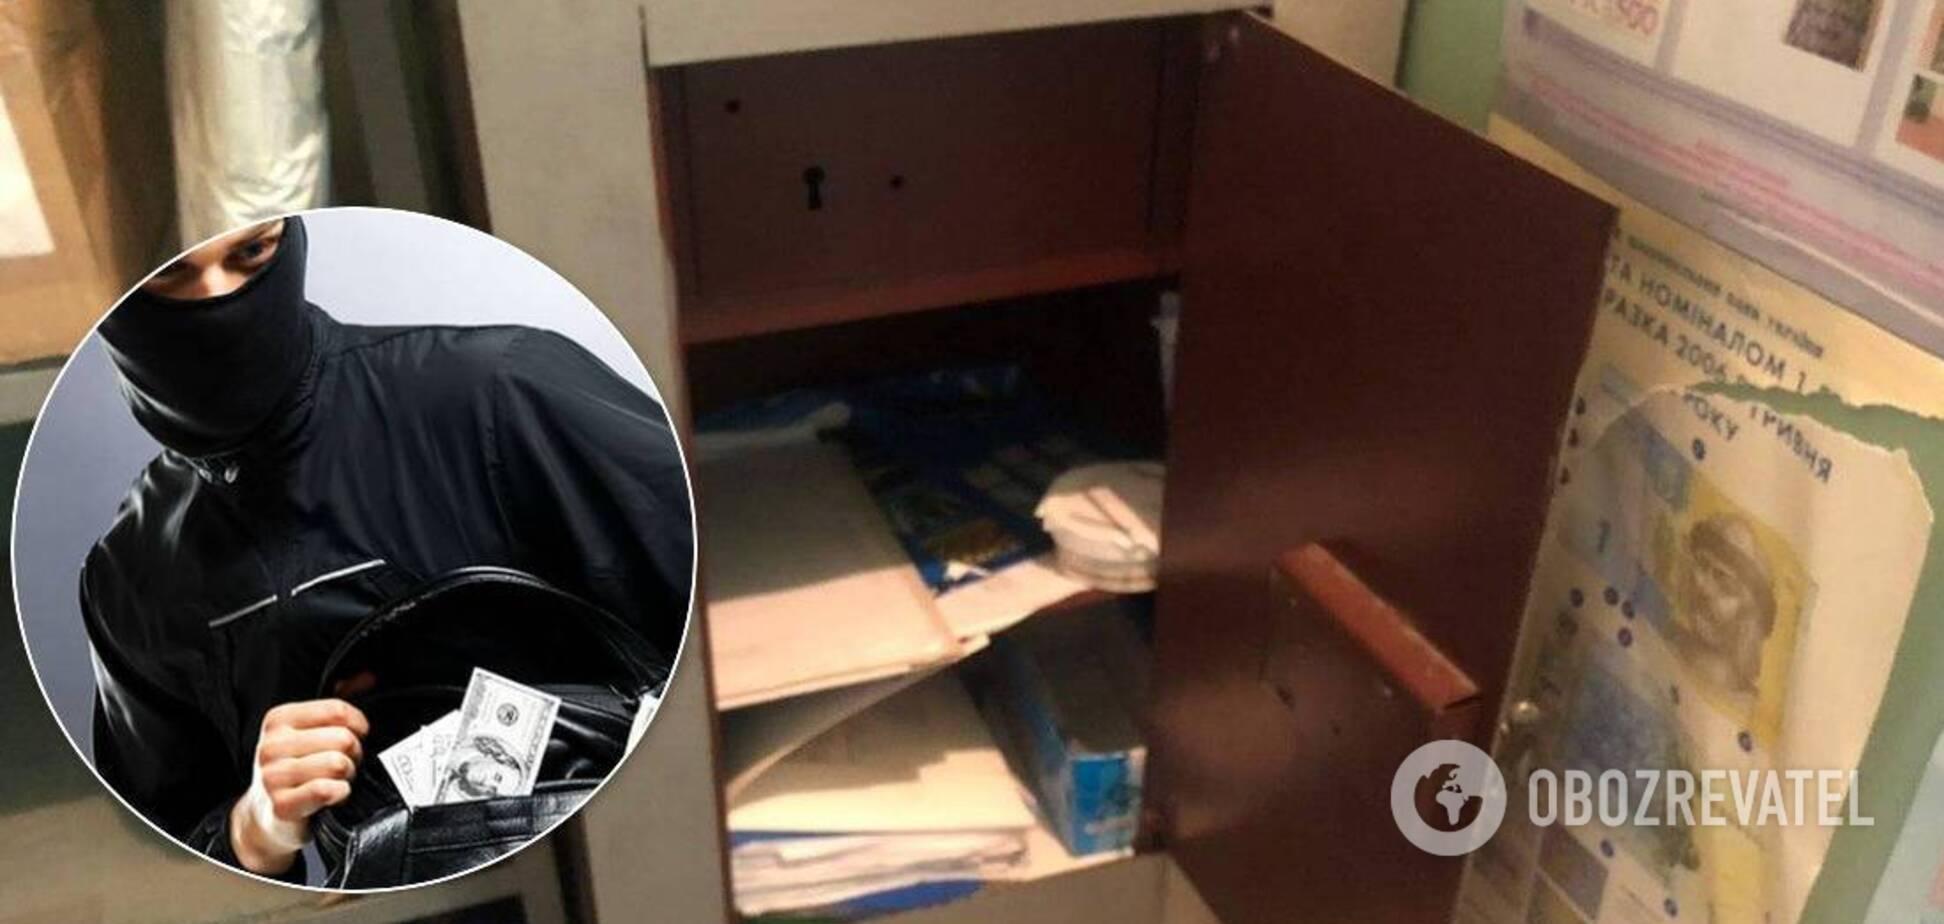 Неизвестный в балаклаве ограбил в Харькове отделение 'Укрпочты'